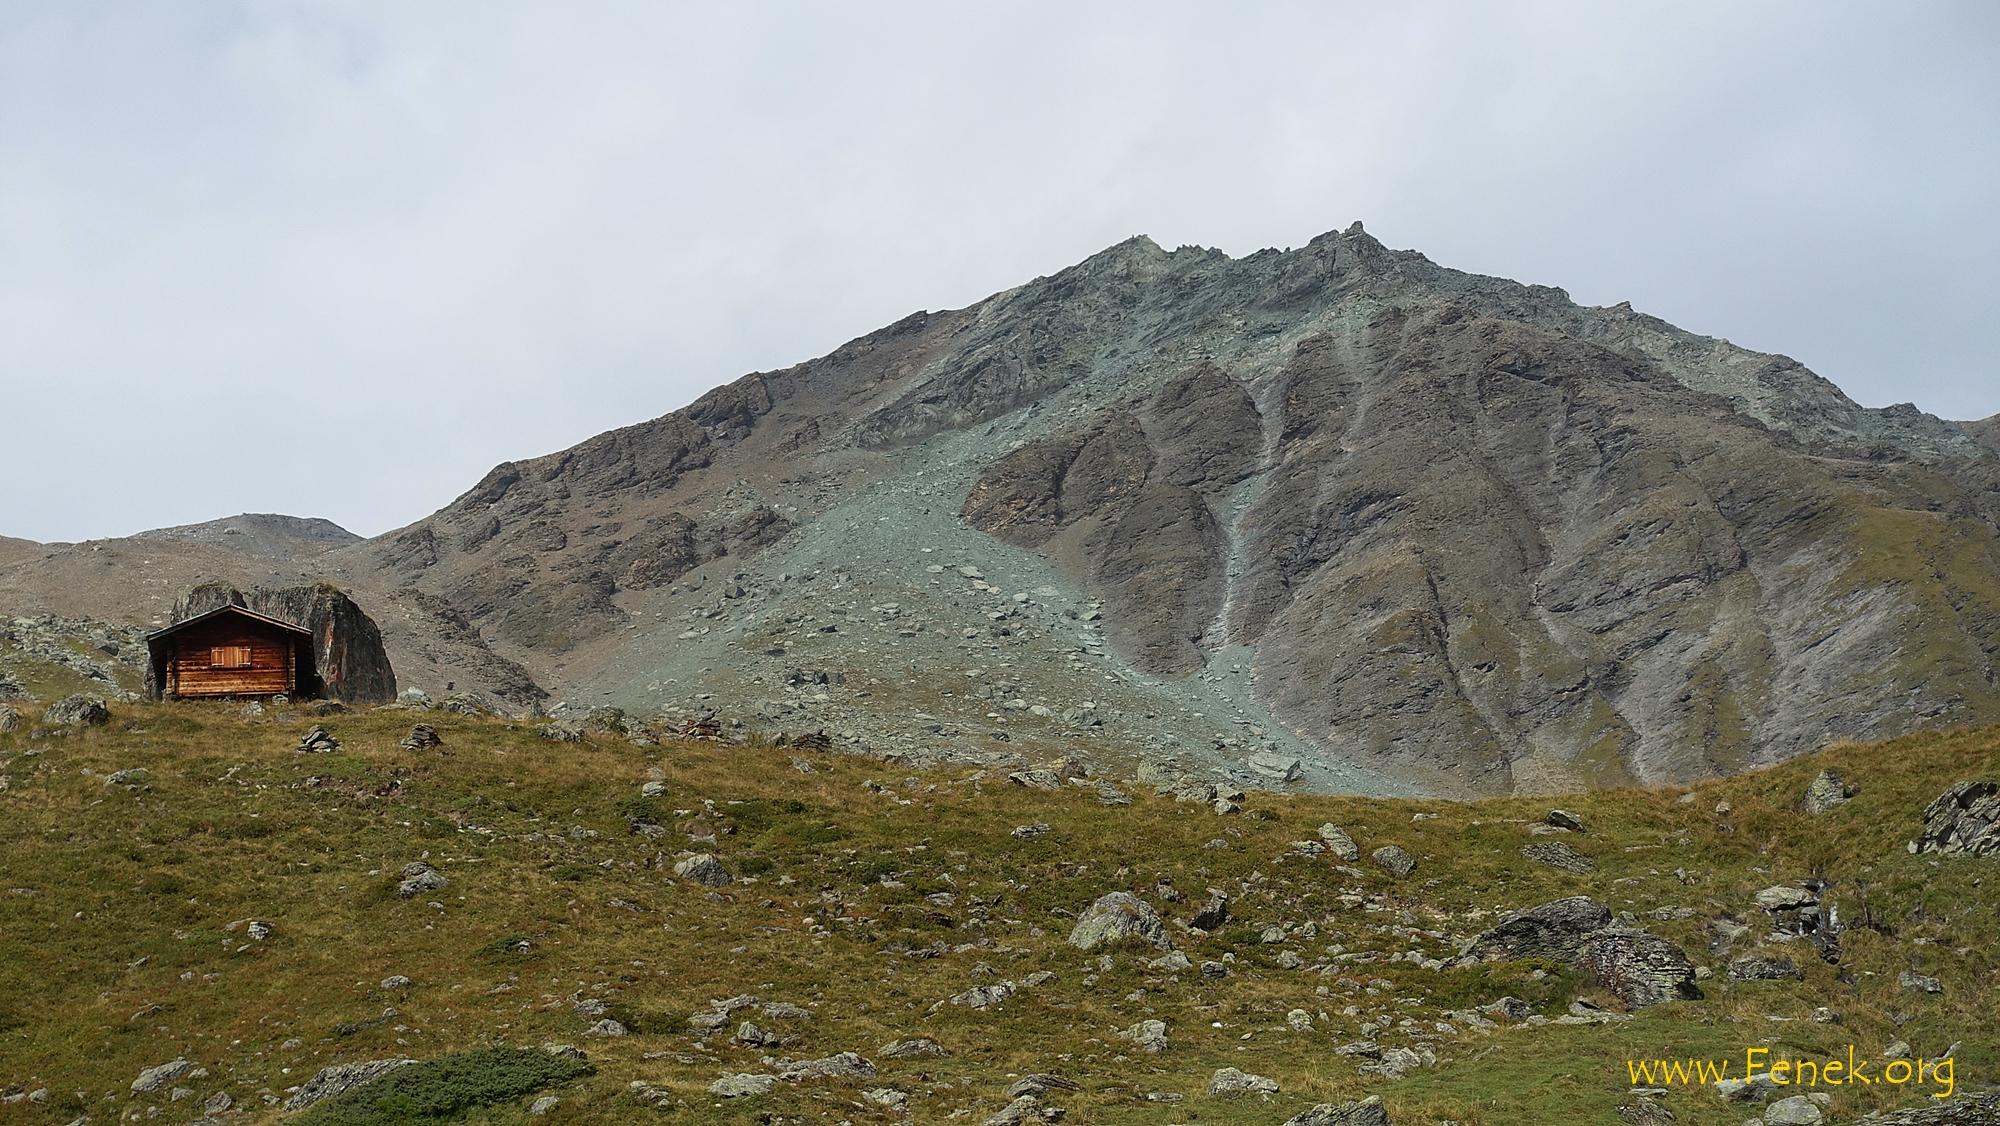 Mont de l'Etoile